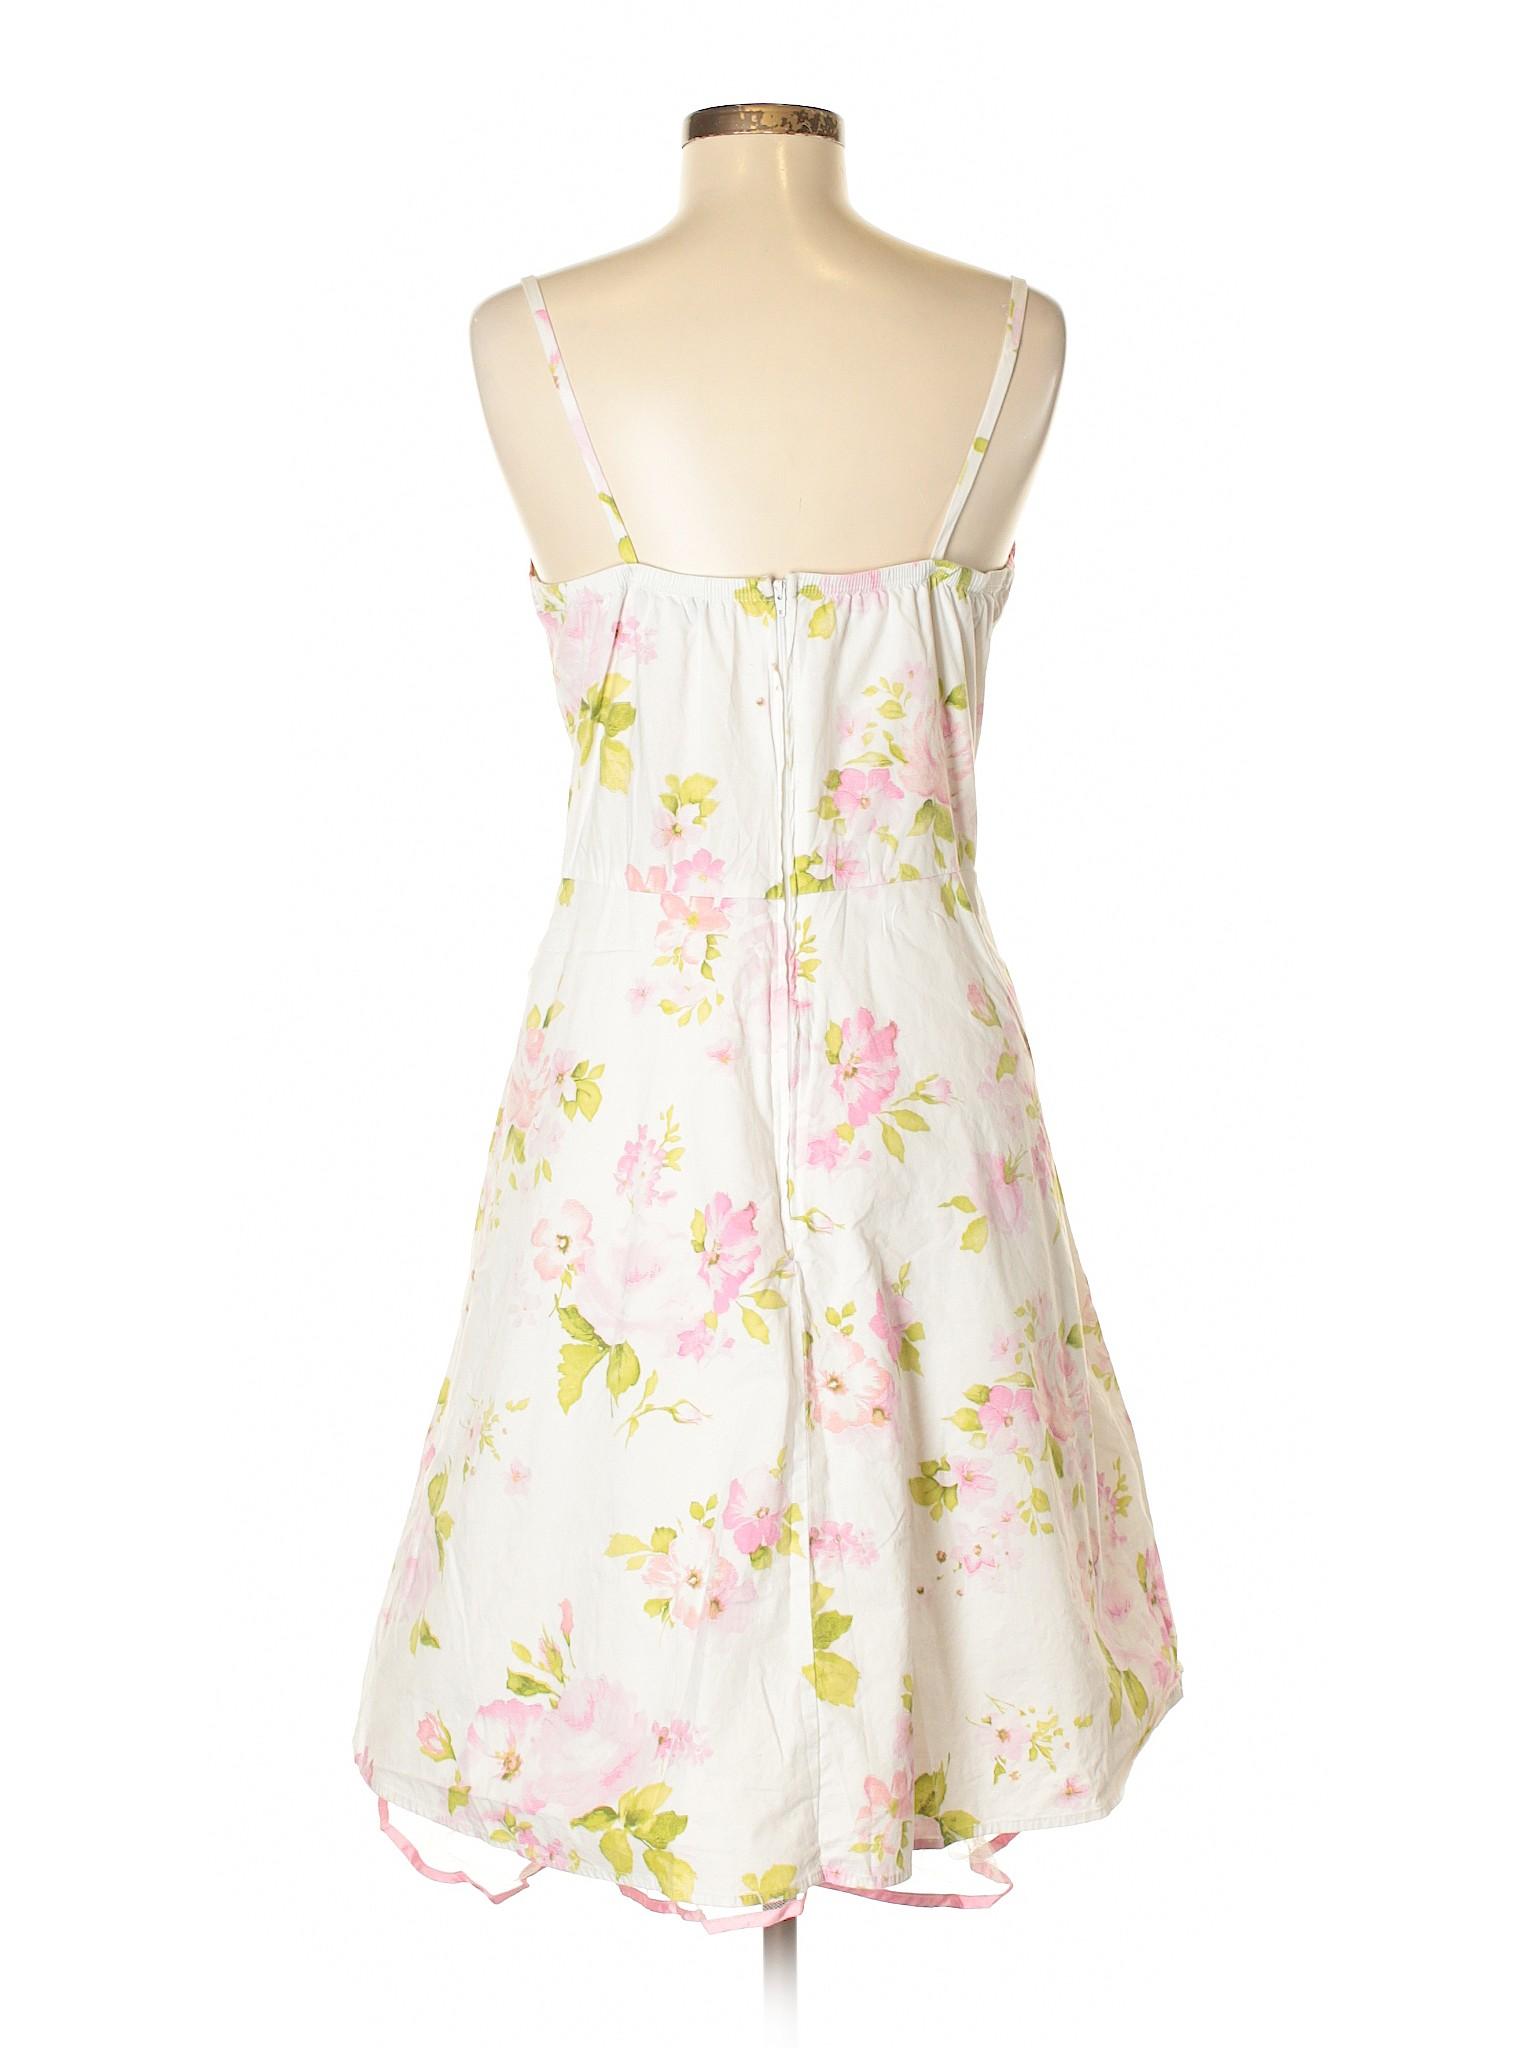 Dress Pulse Boutique Dress Casual Pulse Pulse Dress Casual Casual winter winter winter Boutique Boutique Boutique qTw6A